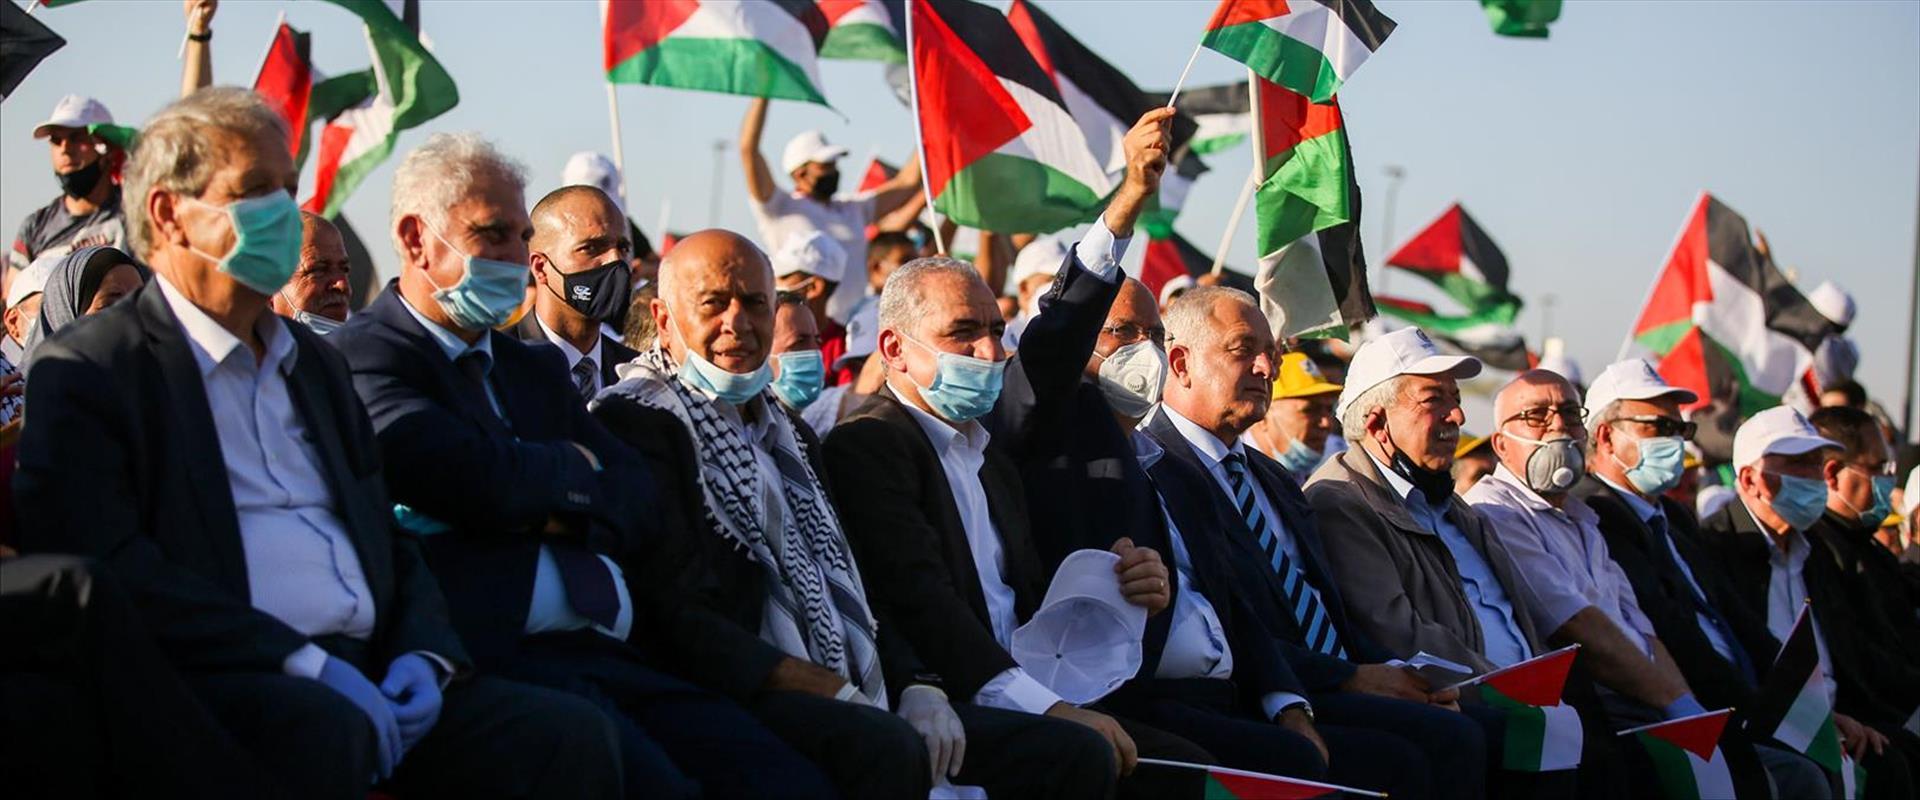 פלסטינים מפגינים נגד יוזמת החלת הריבונות